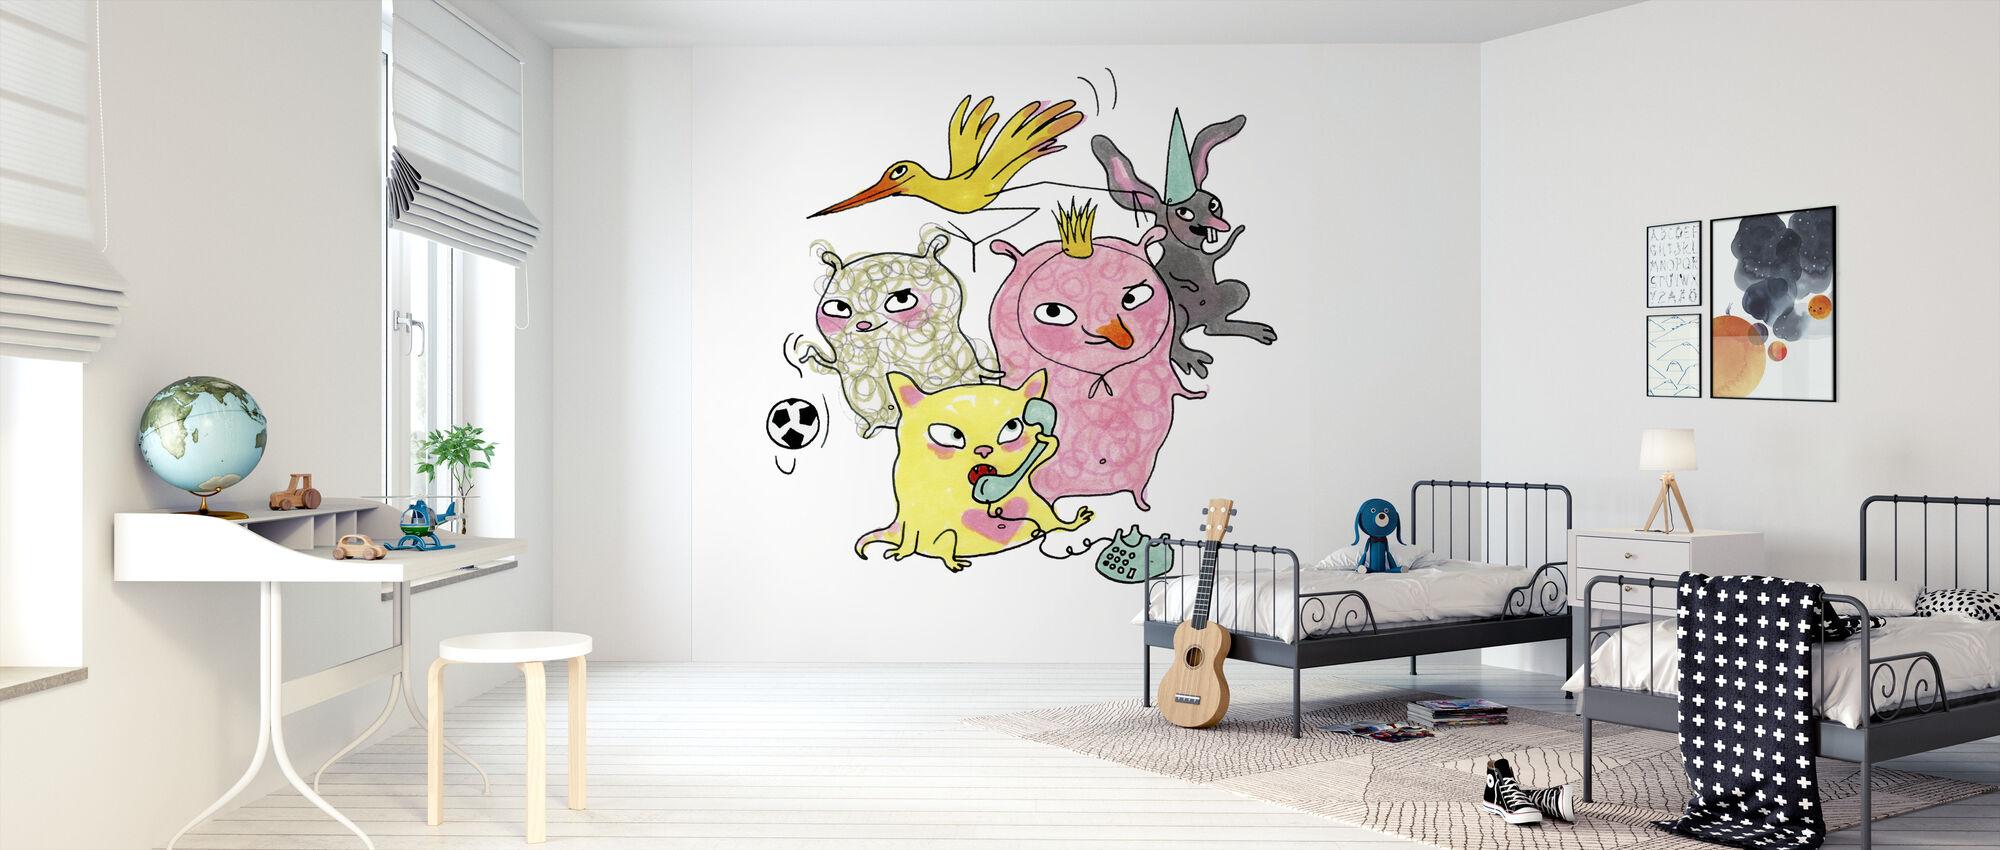 Vemdjuren 4 - Wallpaper - Kids Room